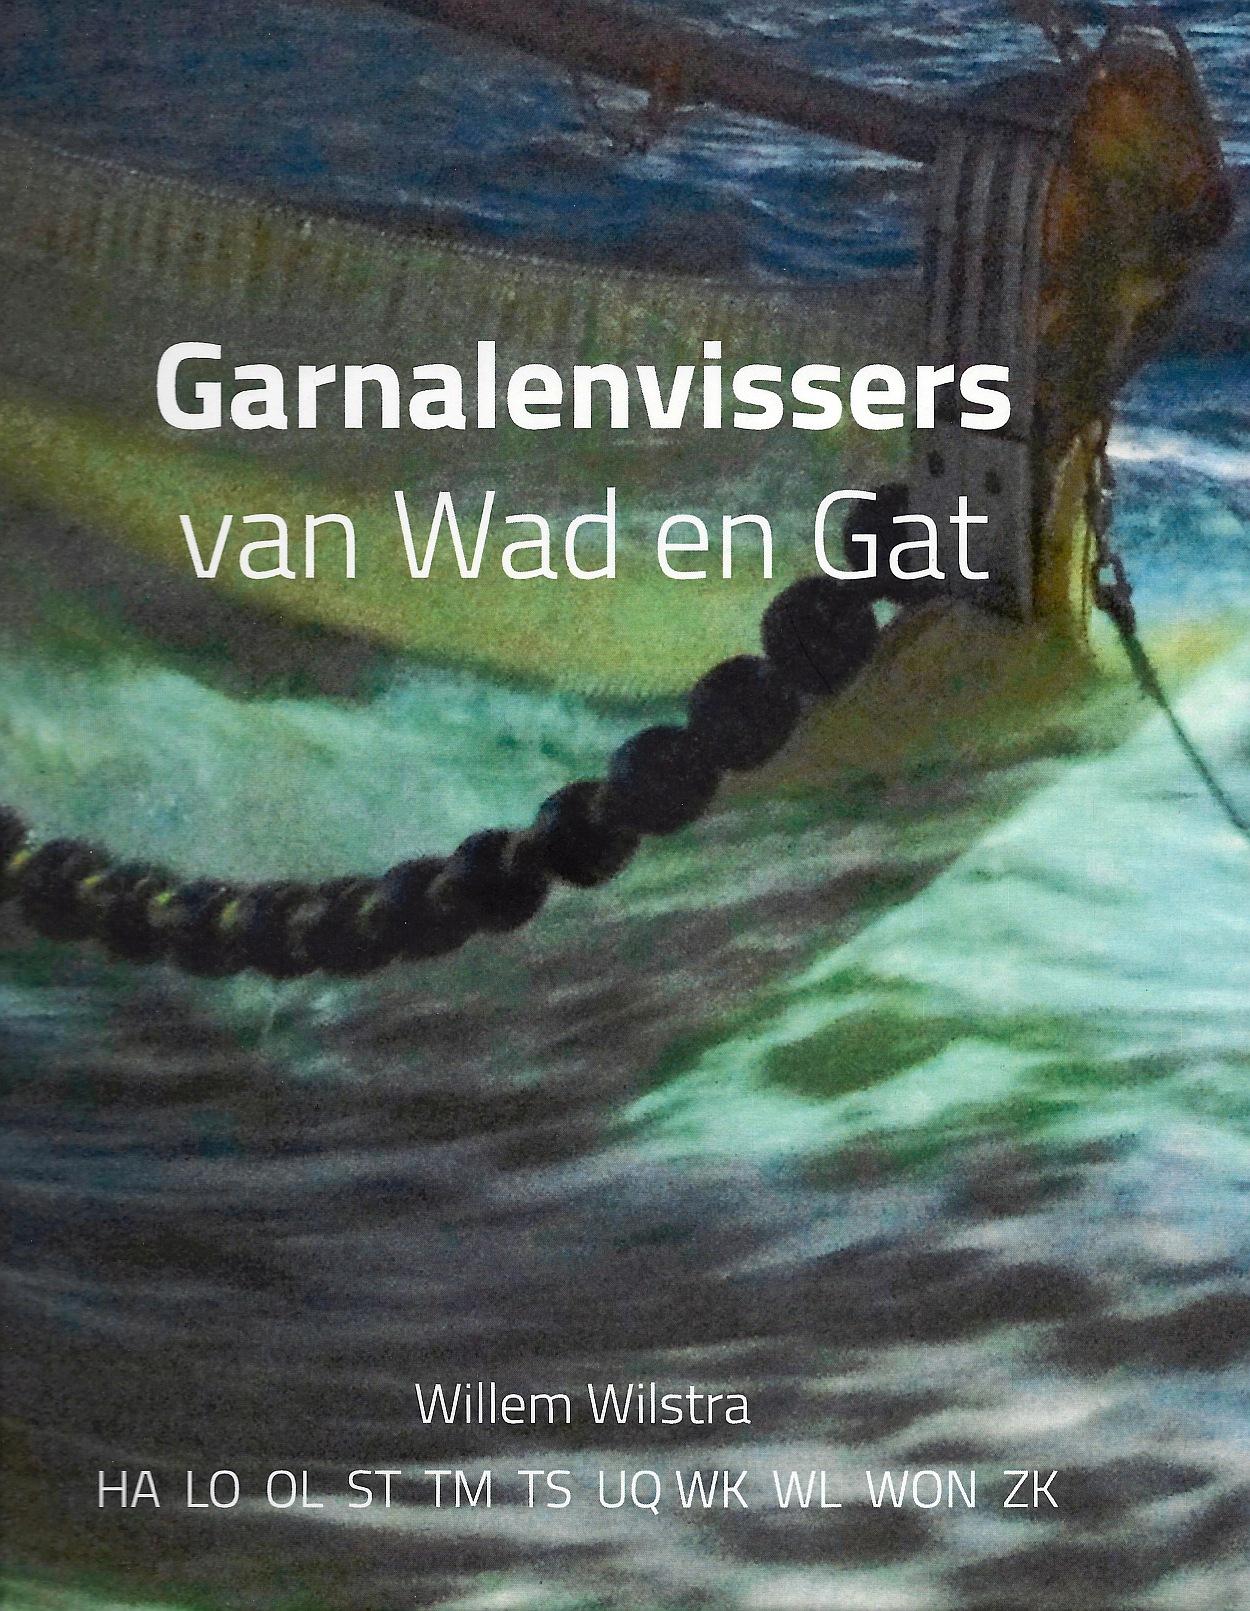 Cover boek (Afbeelding: Willem Wilstra)